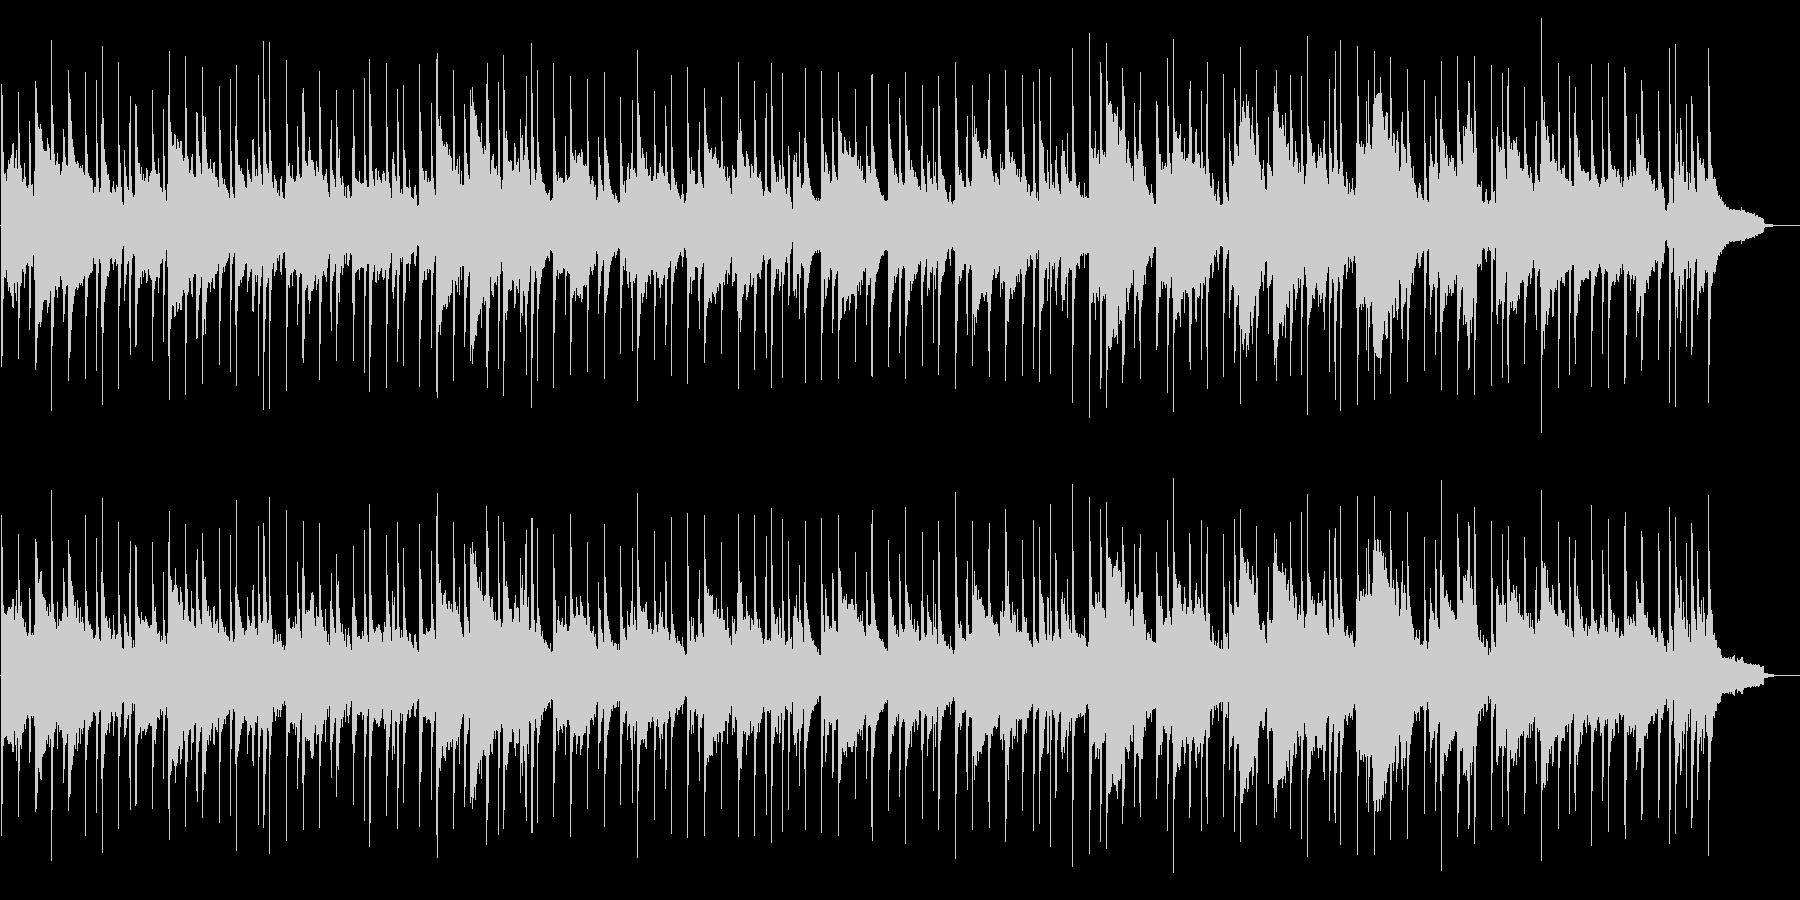 感動的なサックス演奏の未再生の波形